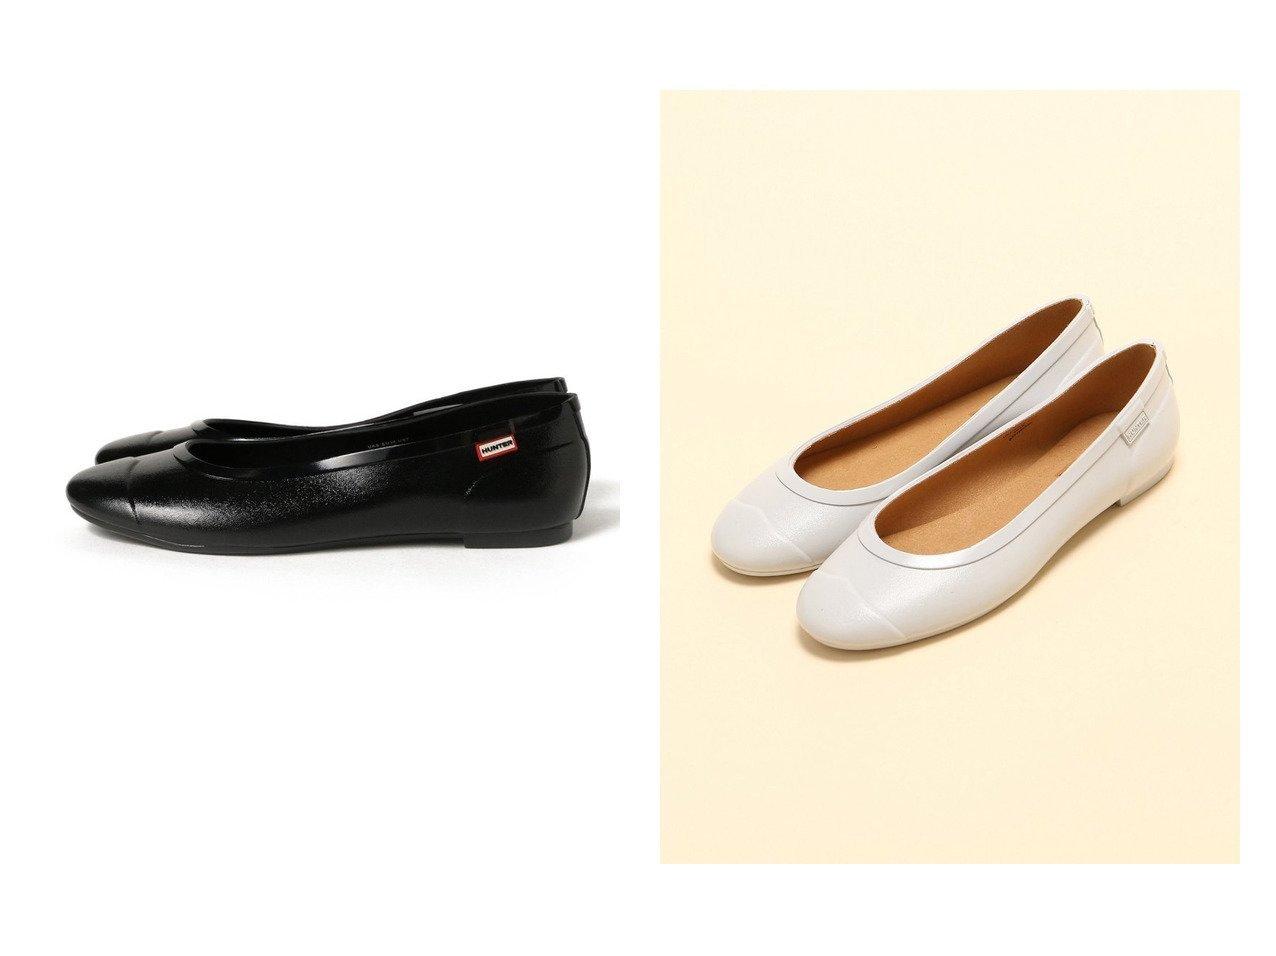 【Ray BEAMS/レイ ビームス】のラバー フラット シューズ 【シューズ・靴】おすすめ!人気、トレンド・レディースファッションの通販  おすすめで人気の流行・トレンド、ファッションの通販商品 インテリア・家具・メンズファッション・キッズファッション・レディースファッション・服の通販 founy(ファニー) https://founy.com/ ファッション Fashion レディースファッション WOMEN おすすめ Recommend シューズ スニーカー スマート スリッポン フラット ラバー |ID:crp329100000053907